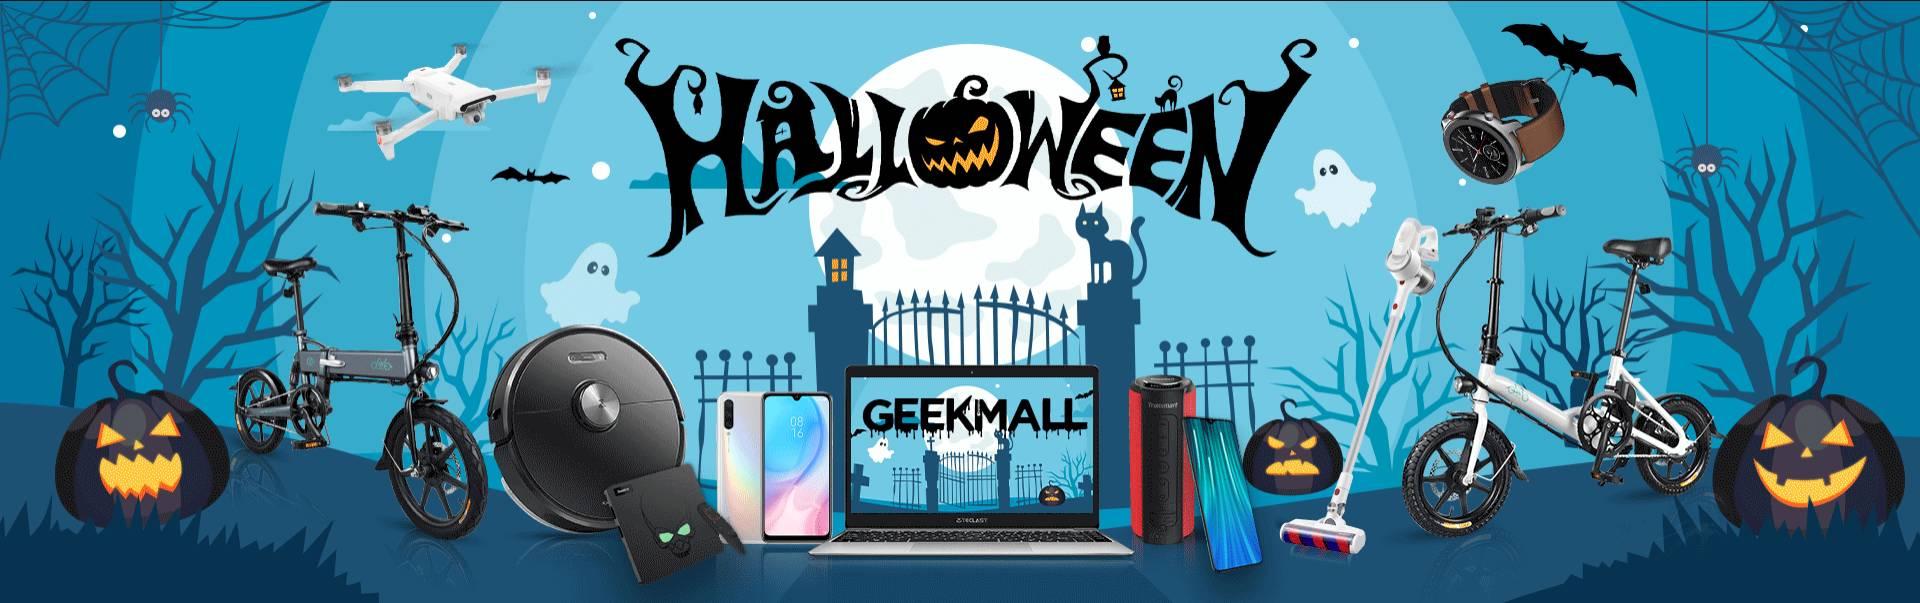 Halloween Geekmall